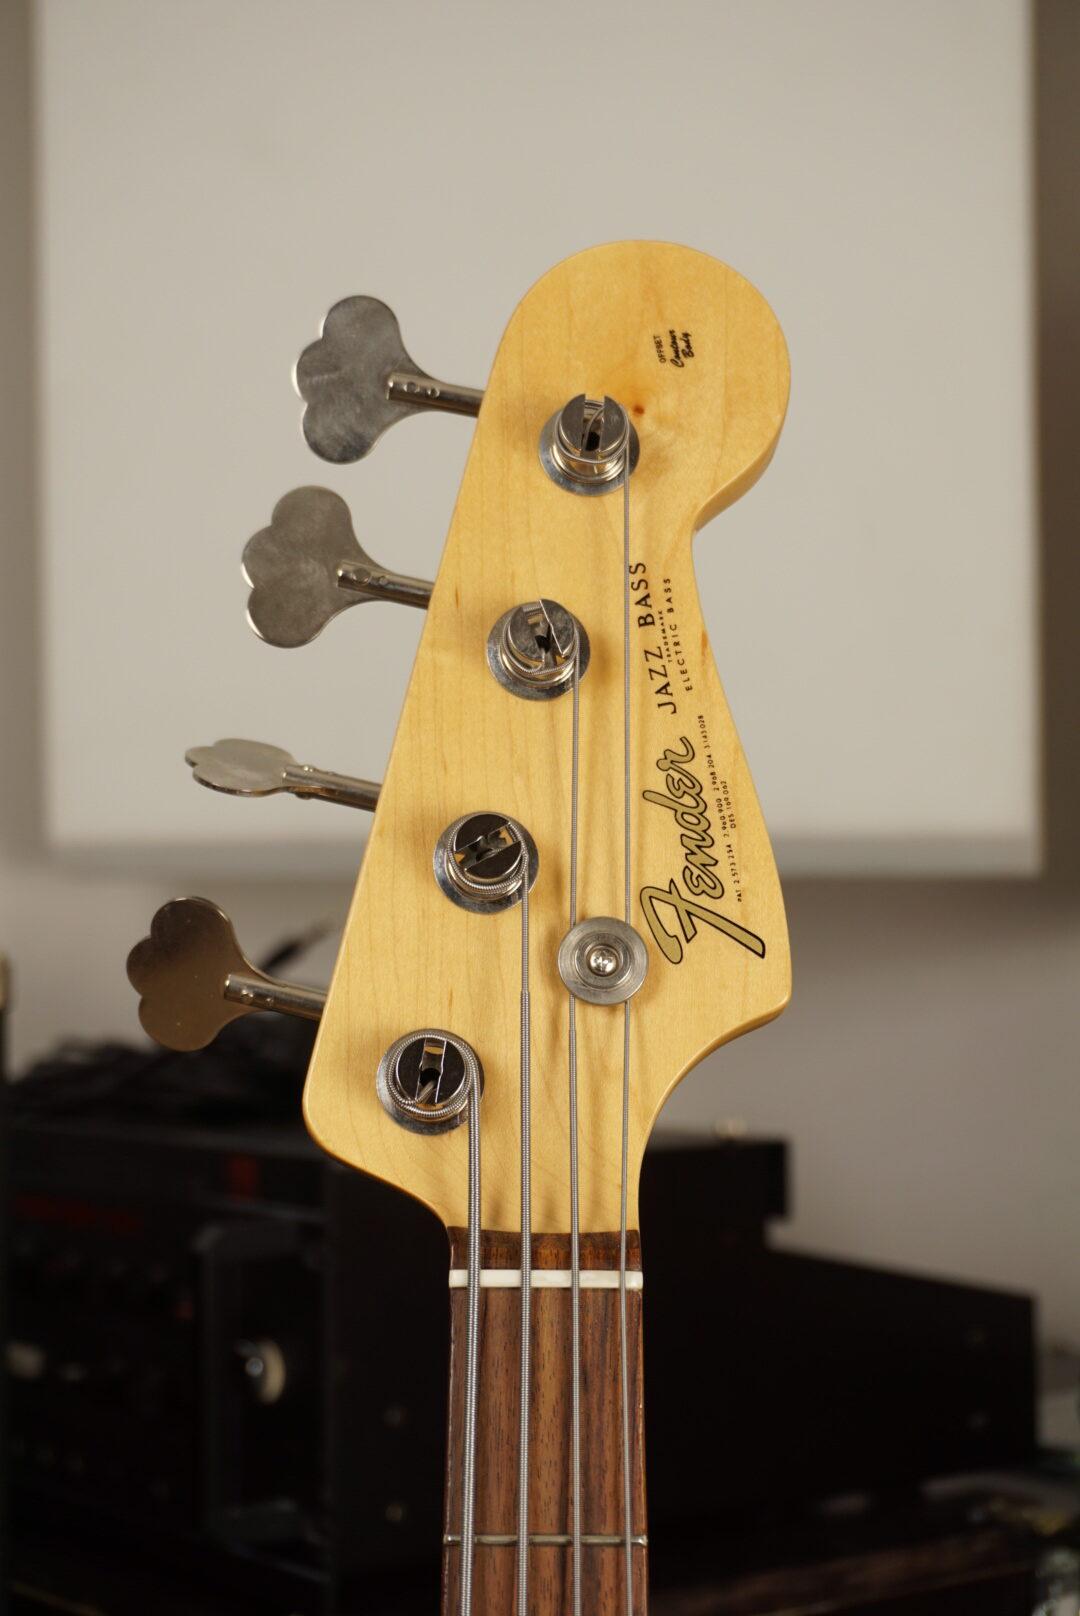 Fender Jazz Bass: American Vintage Reissue '62 vs American Vintage '64